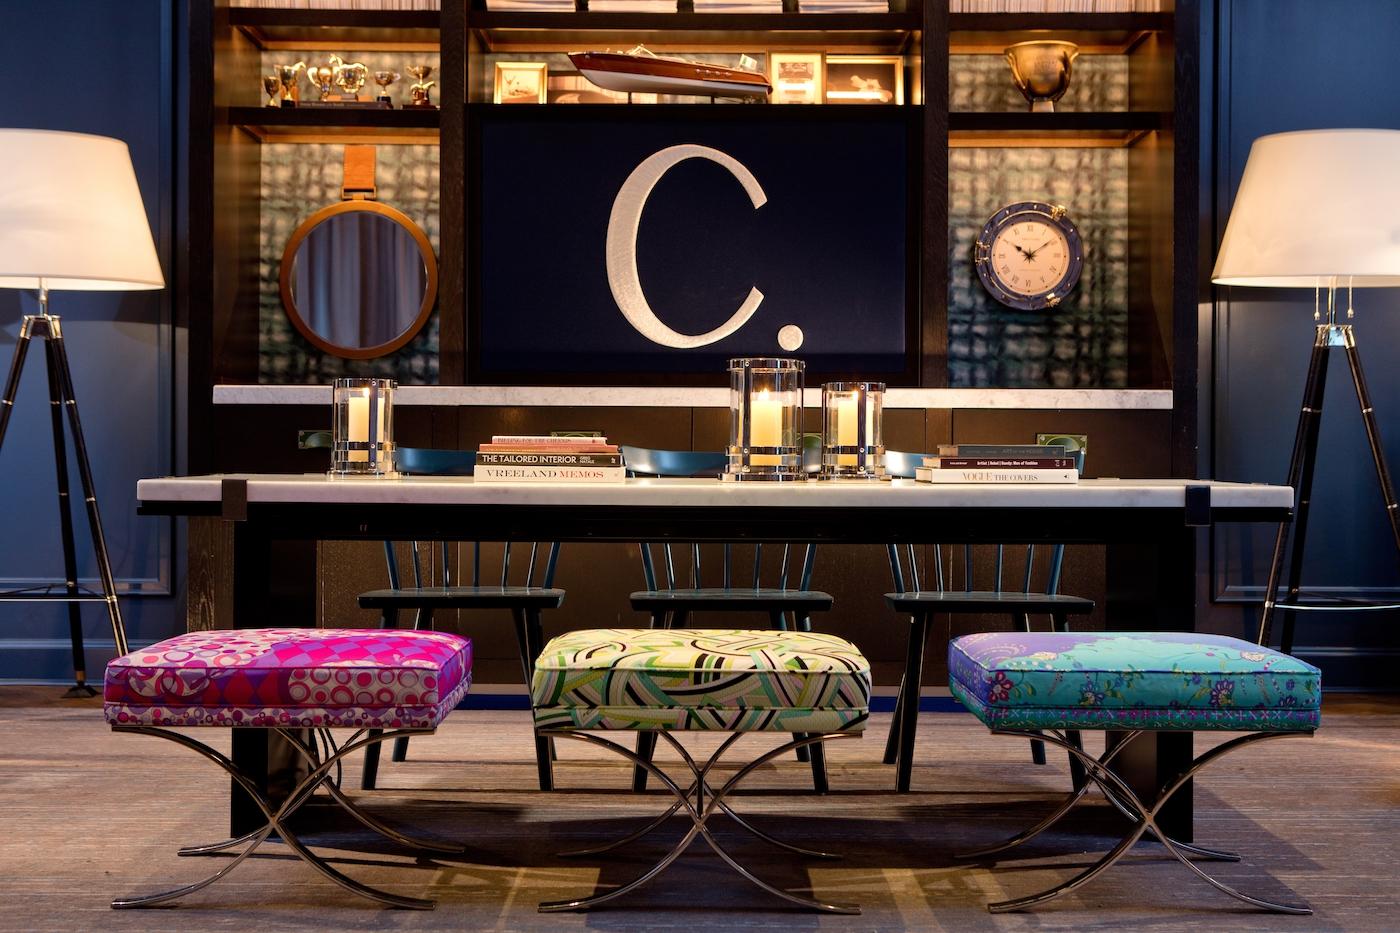 luxury Carolina hotel